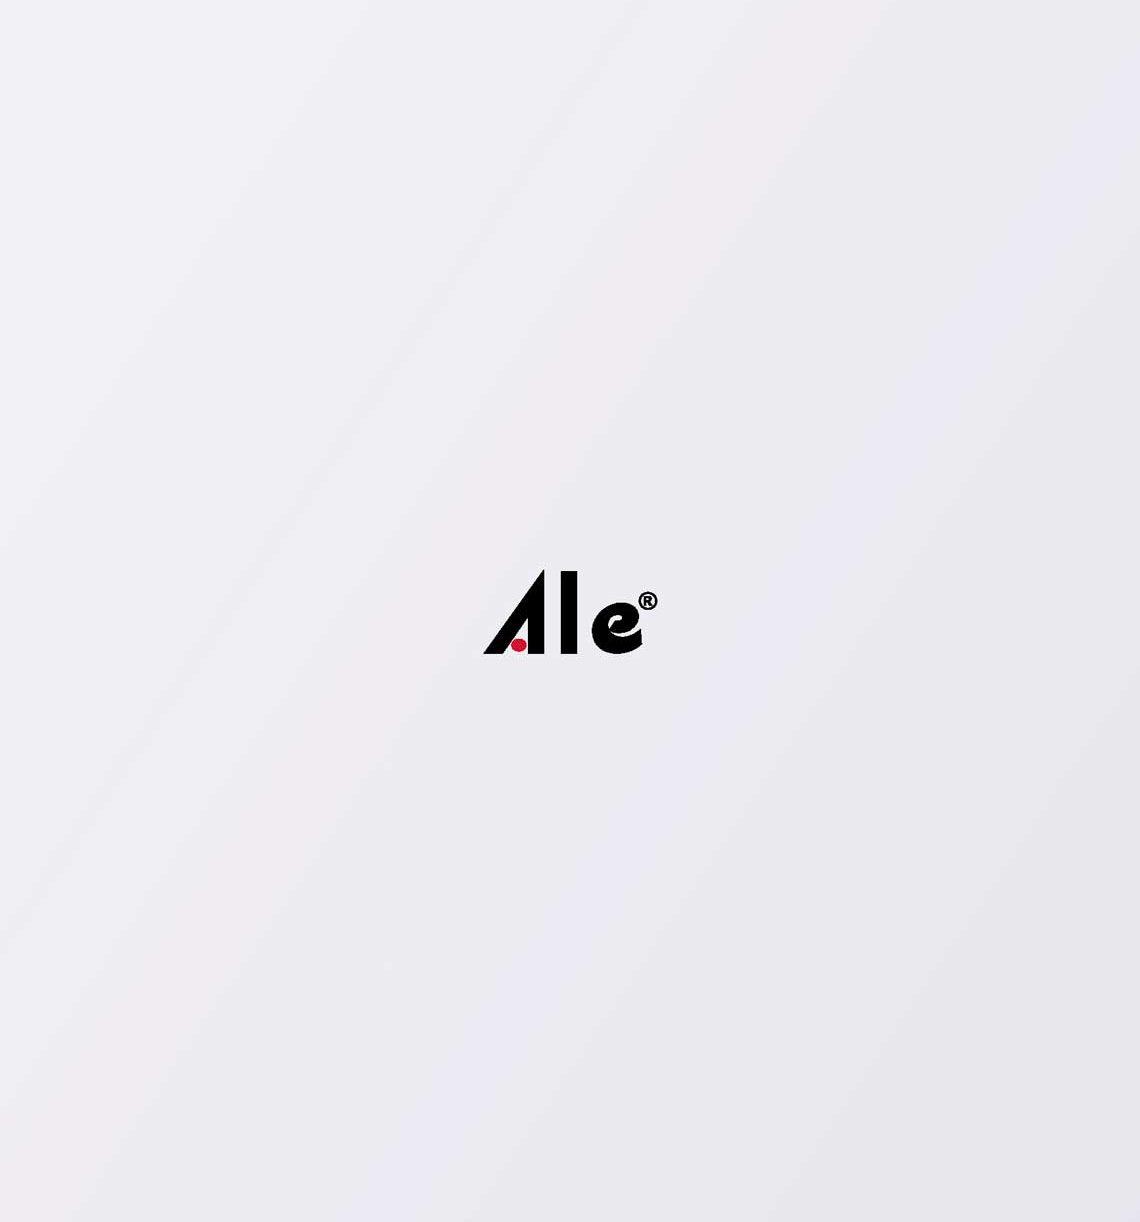 Ale_Página_130